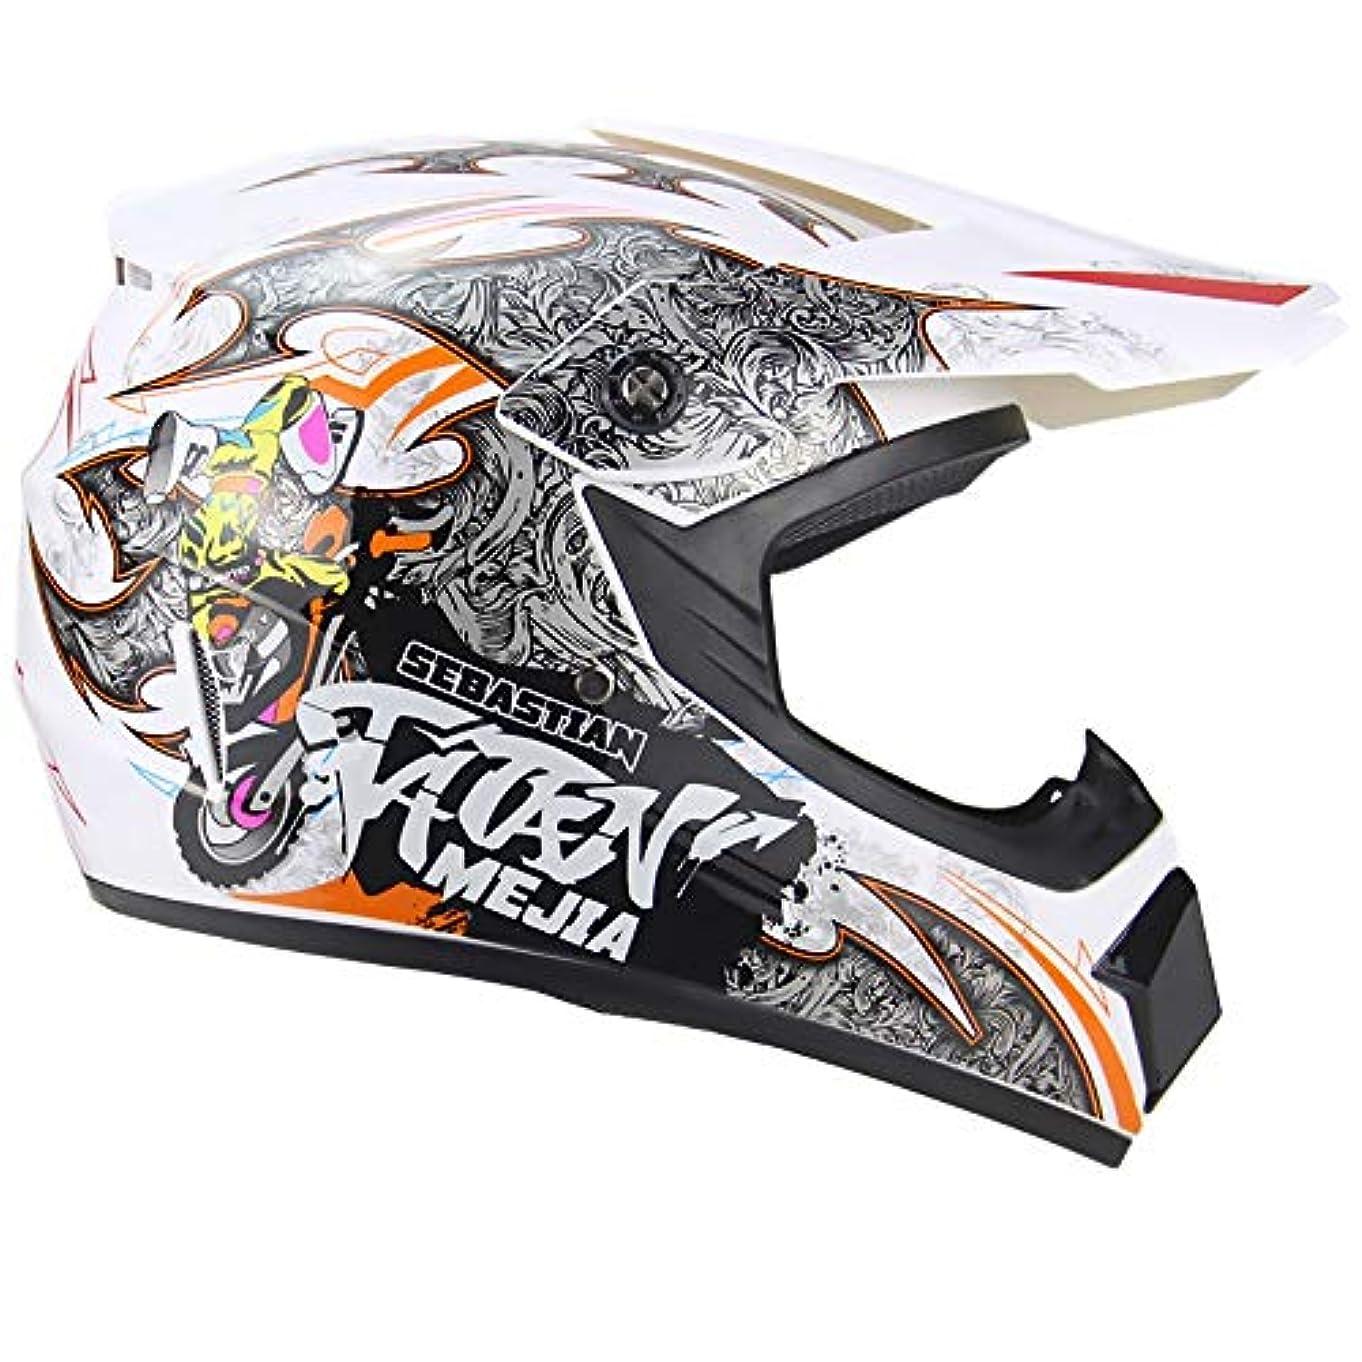 適用済み旅寄託TOMSSL高品質 人格クールパターンオートバイヘルメットオフロードヘルメットバッテリーカーヘルメットマウンテンバイクフルヘルメット四季普遍的な TOMSSL高品質 (Size : L)